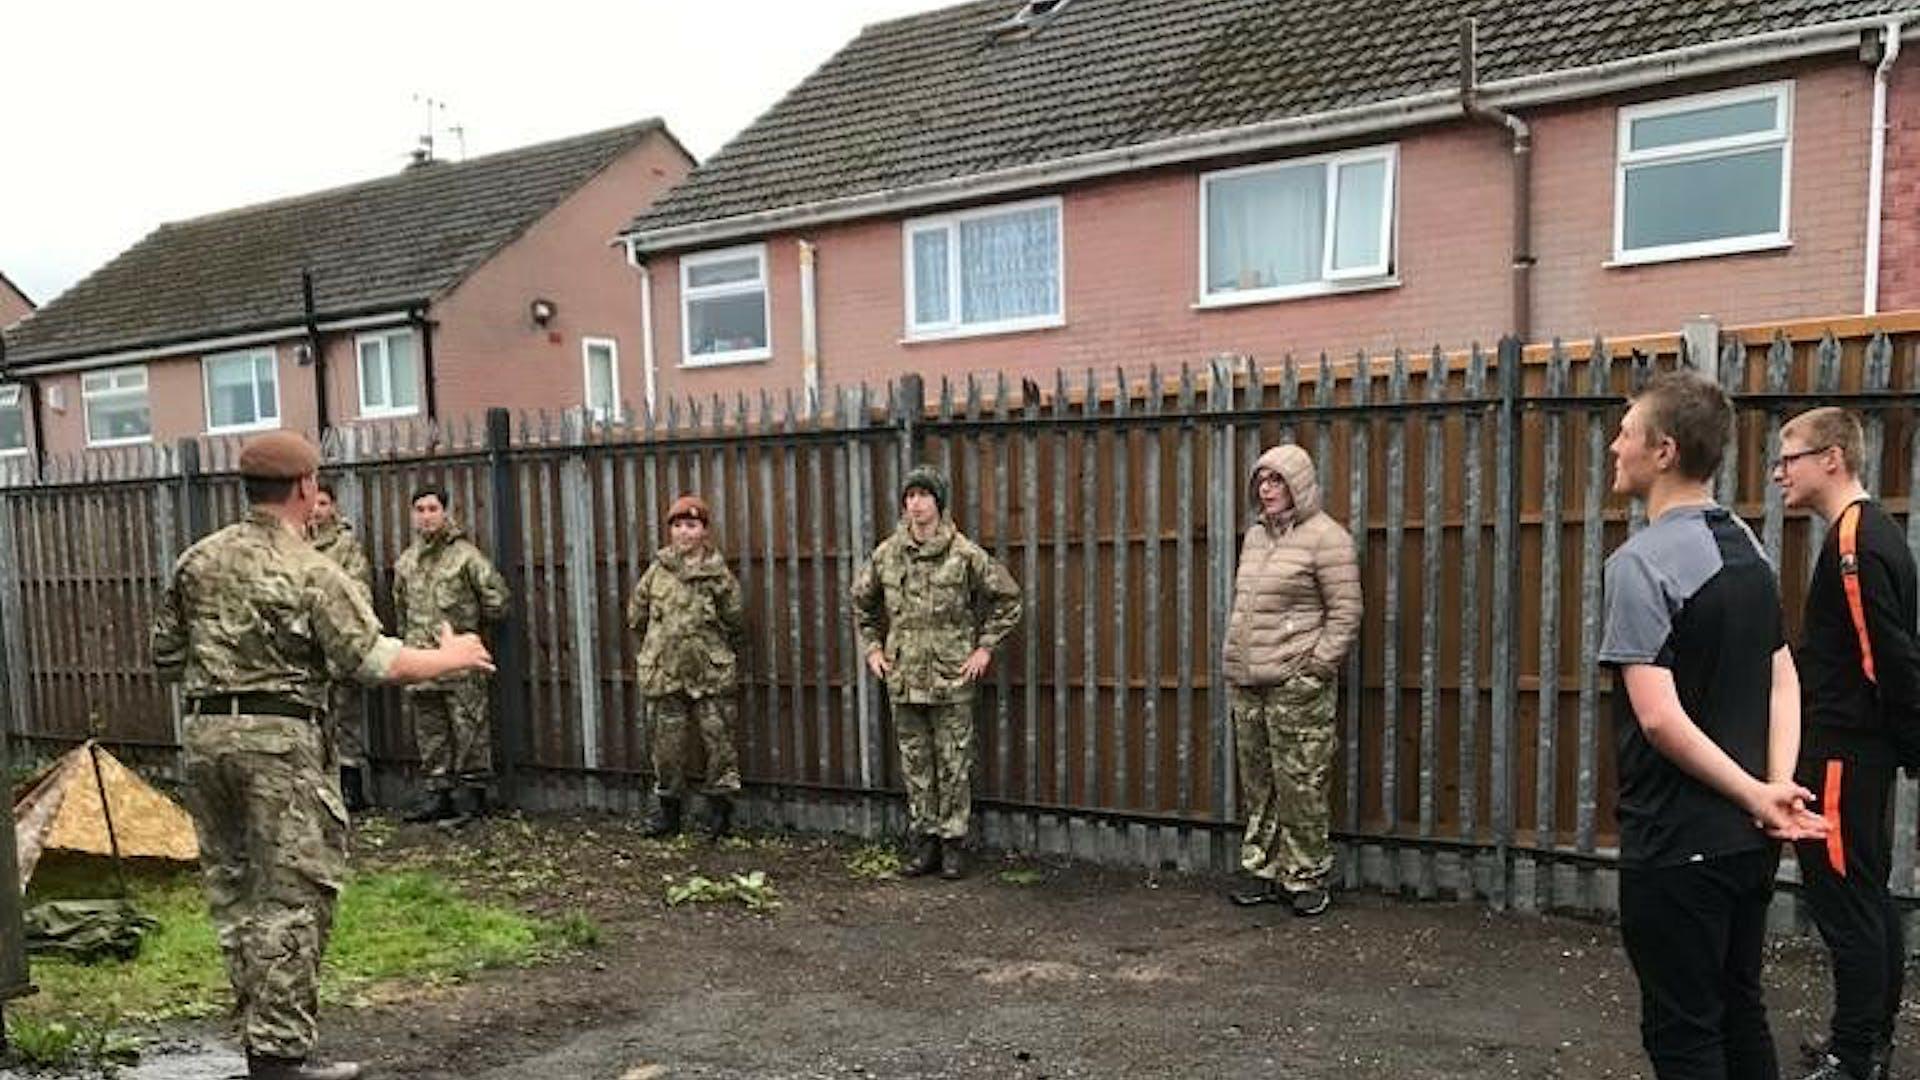 Hindley Detachment 2